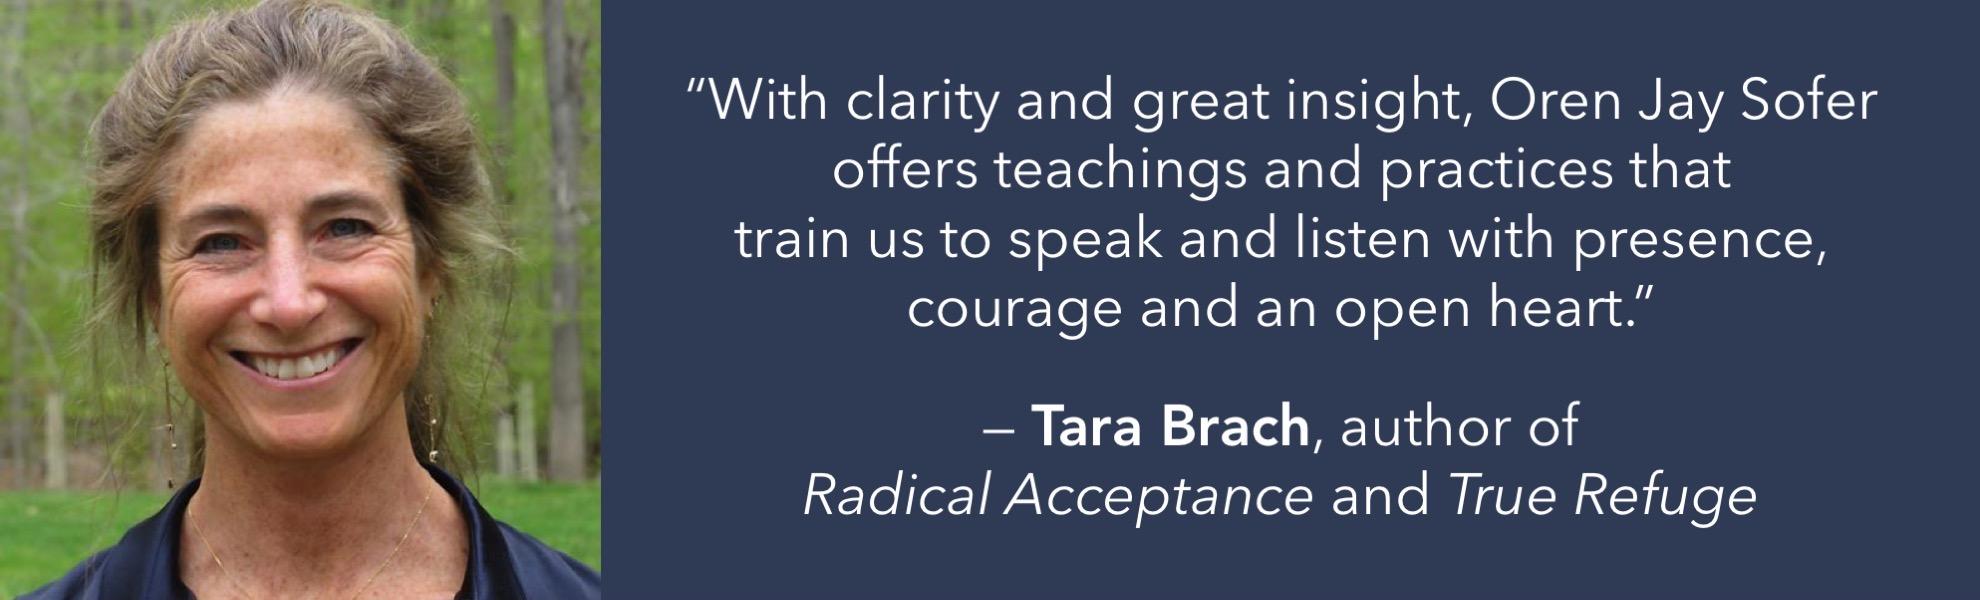 banner-Tara-Brach3.jpg